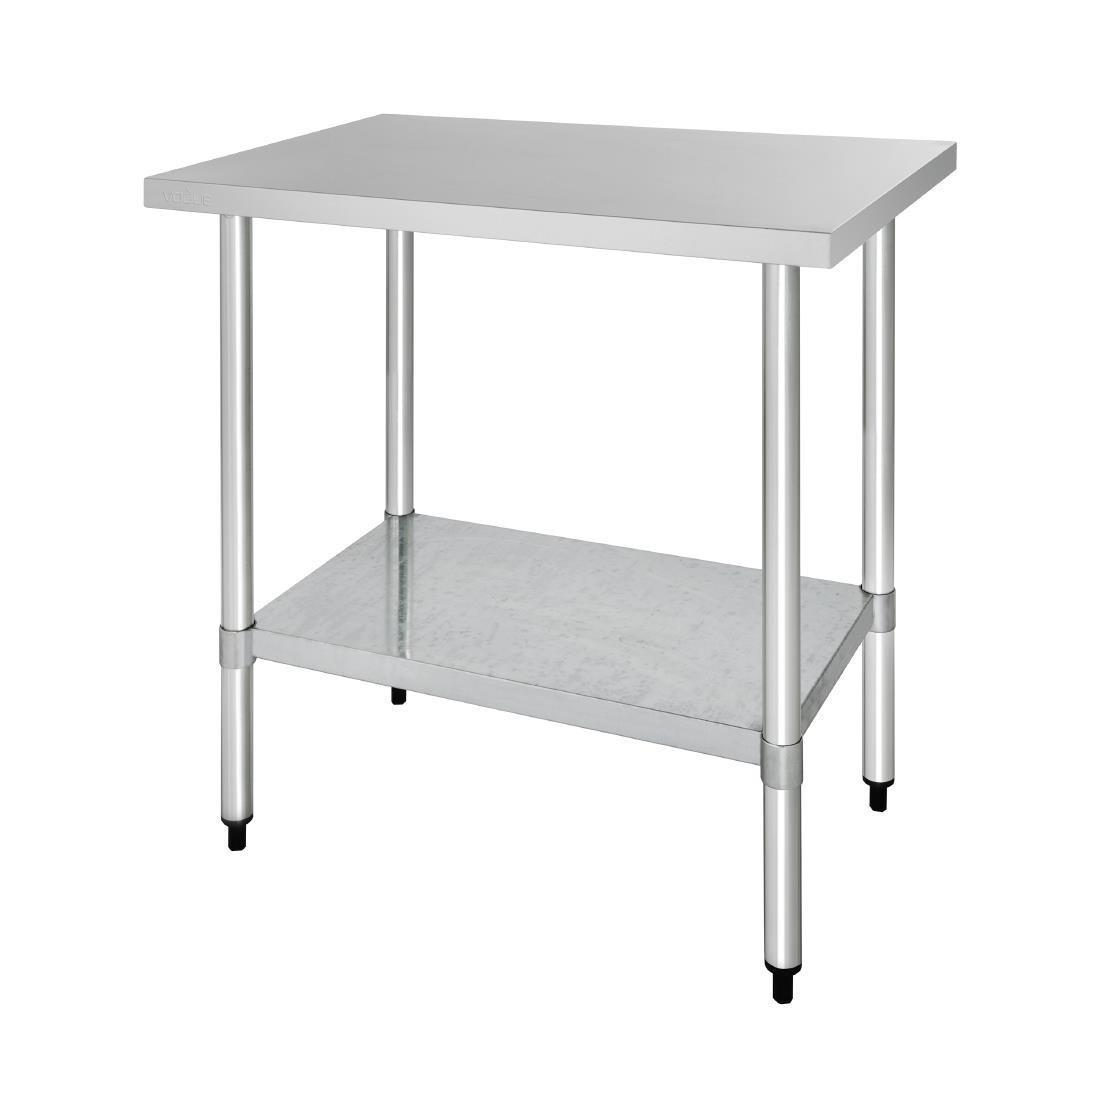 mesa de preparación de inox.jpg